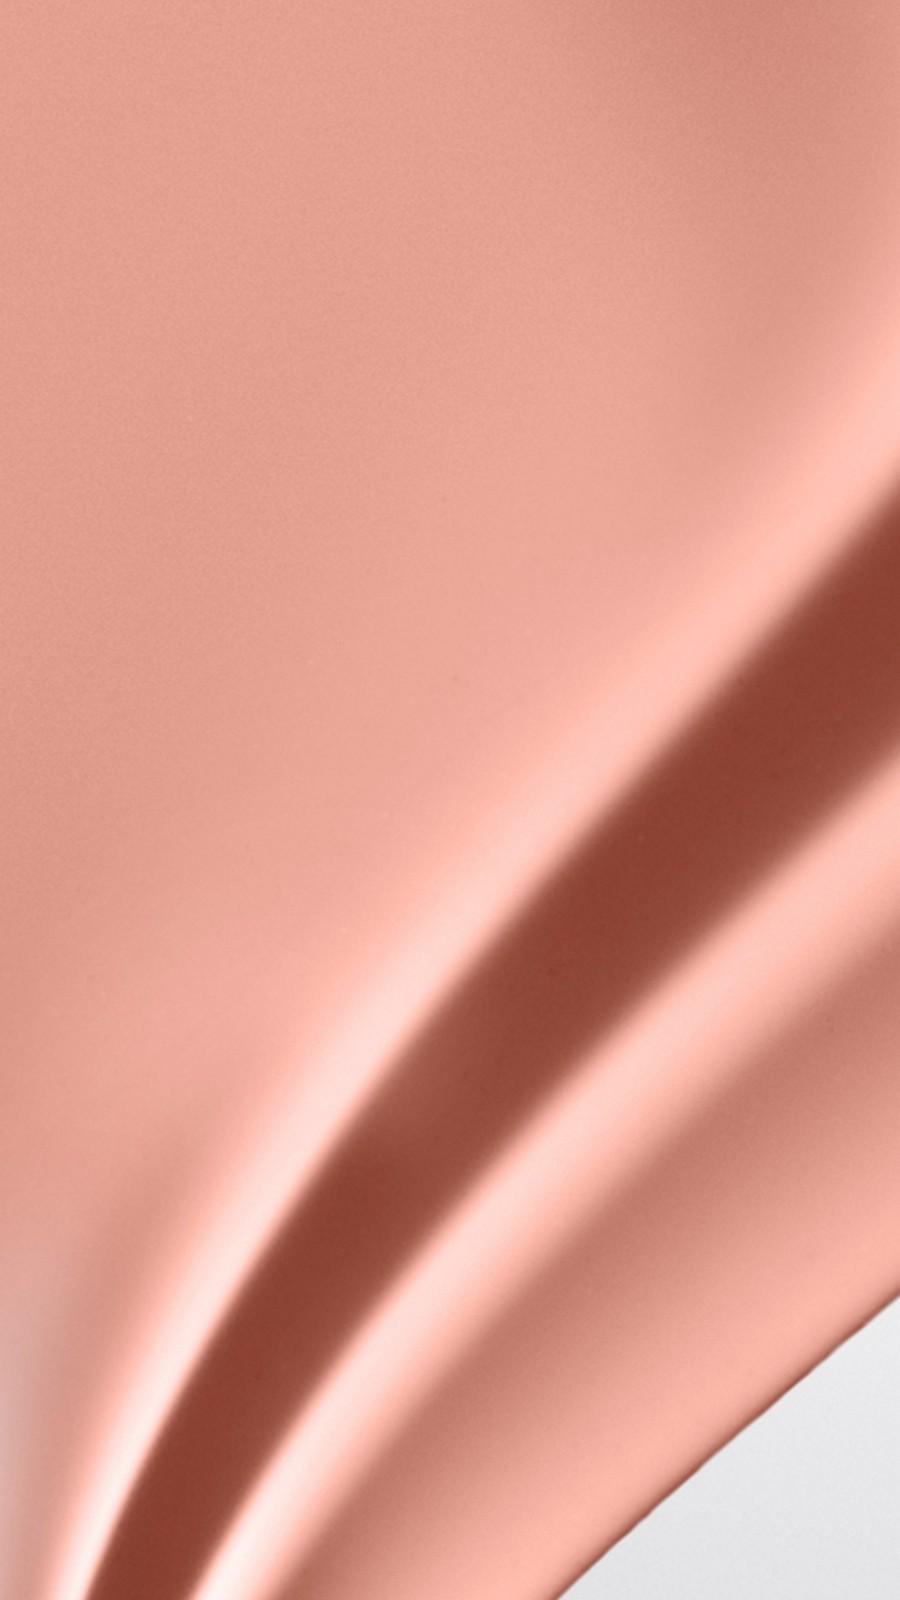 Nude beige 09 Lip Glow - Nude Beige No.09 - Image 2